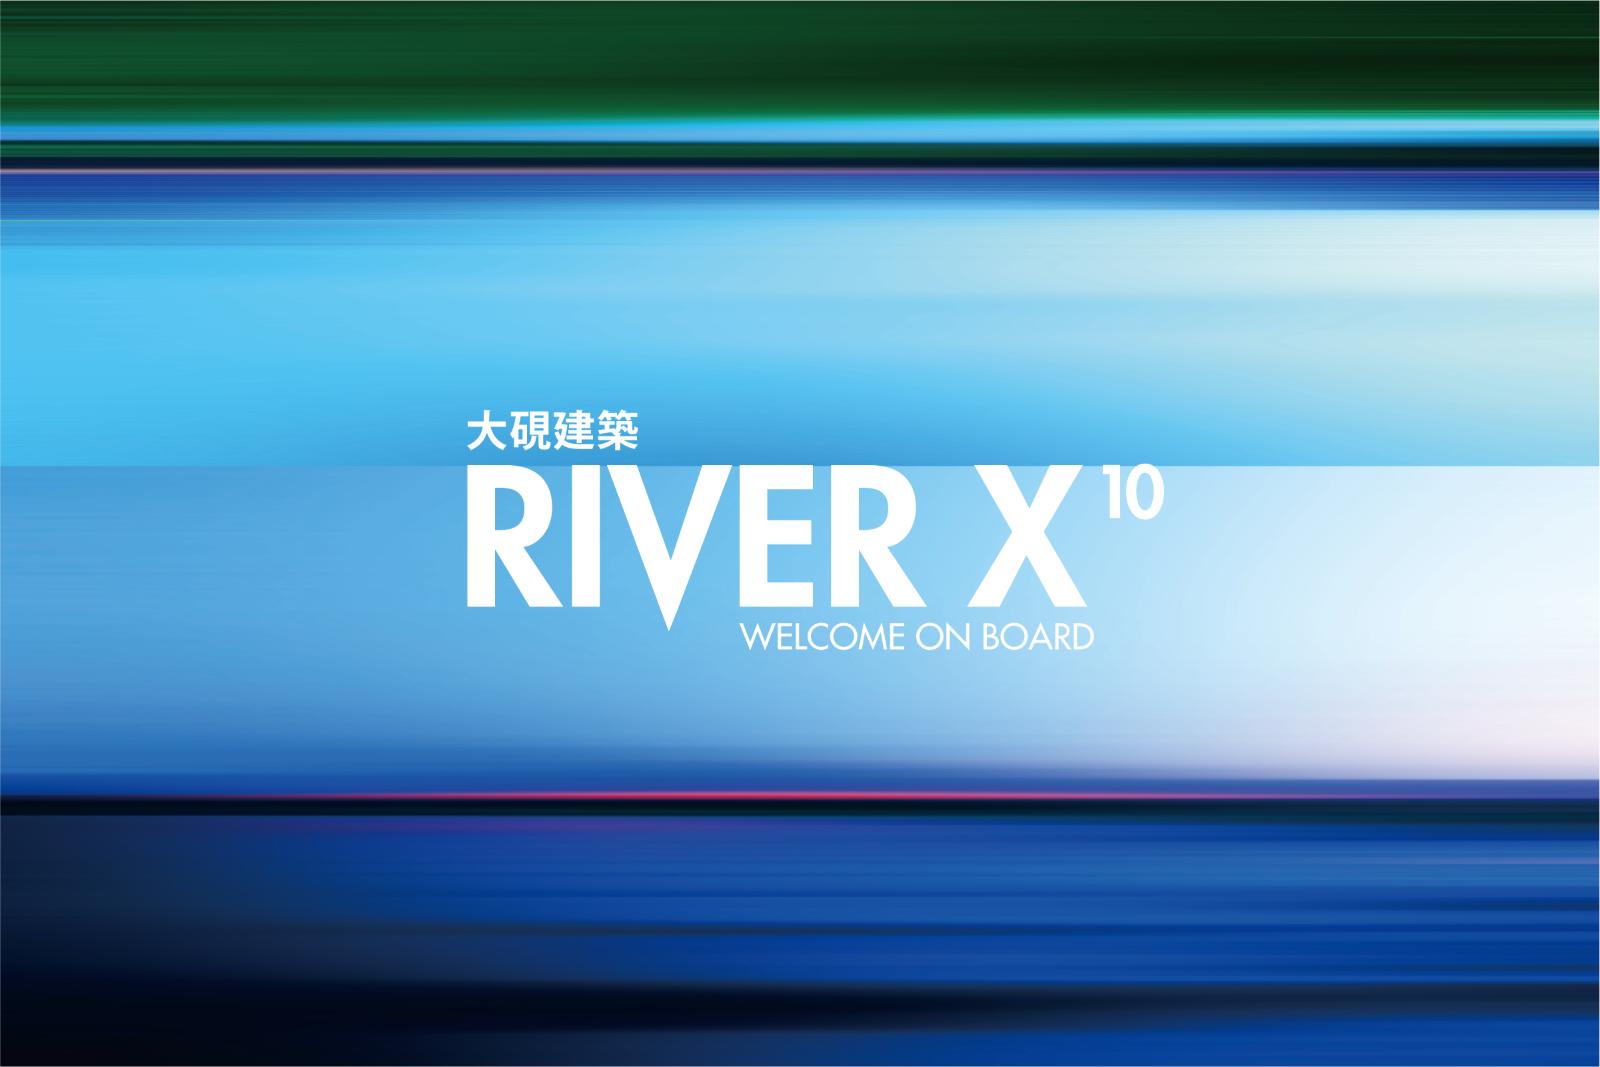 [竹北水岸]大硯RiverX20180727-1.png